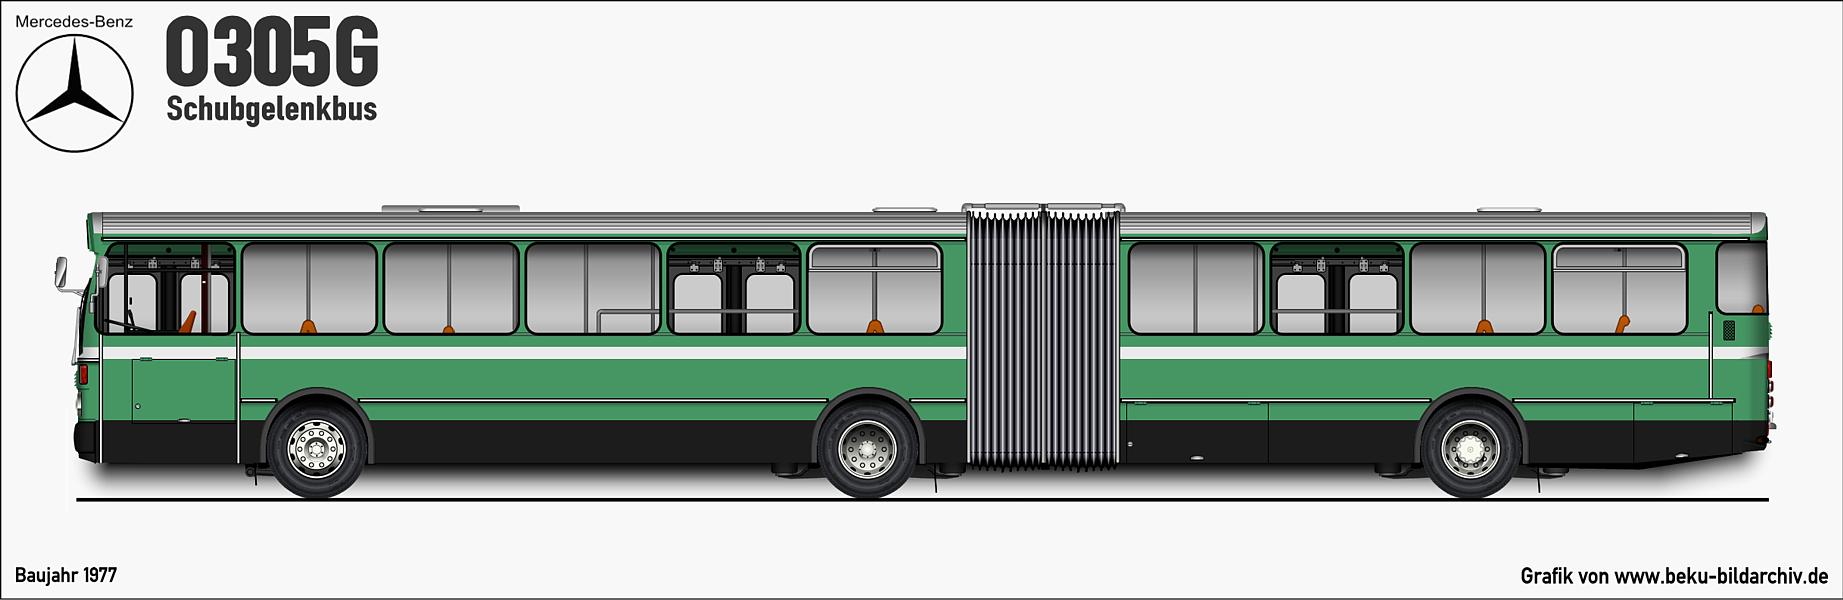 türentriegelung im linienbus